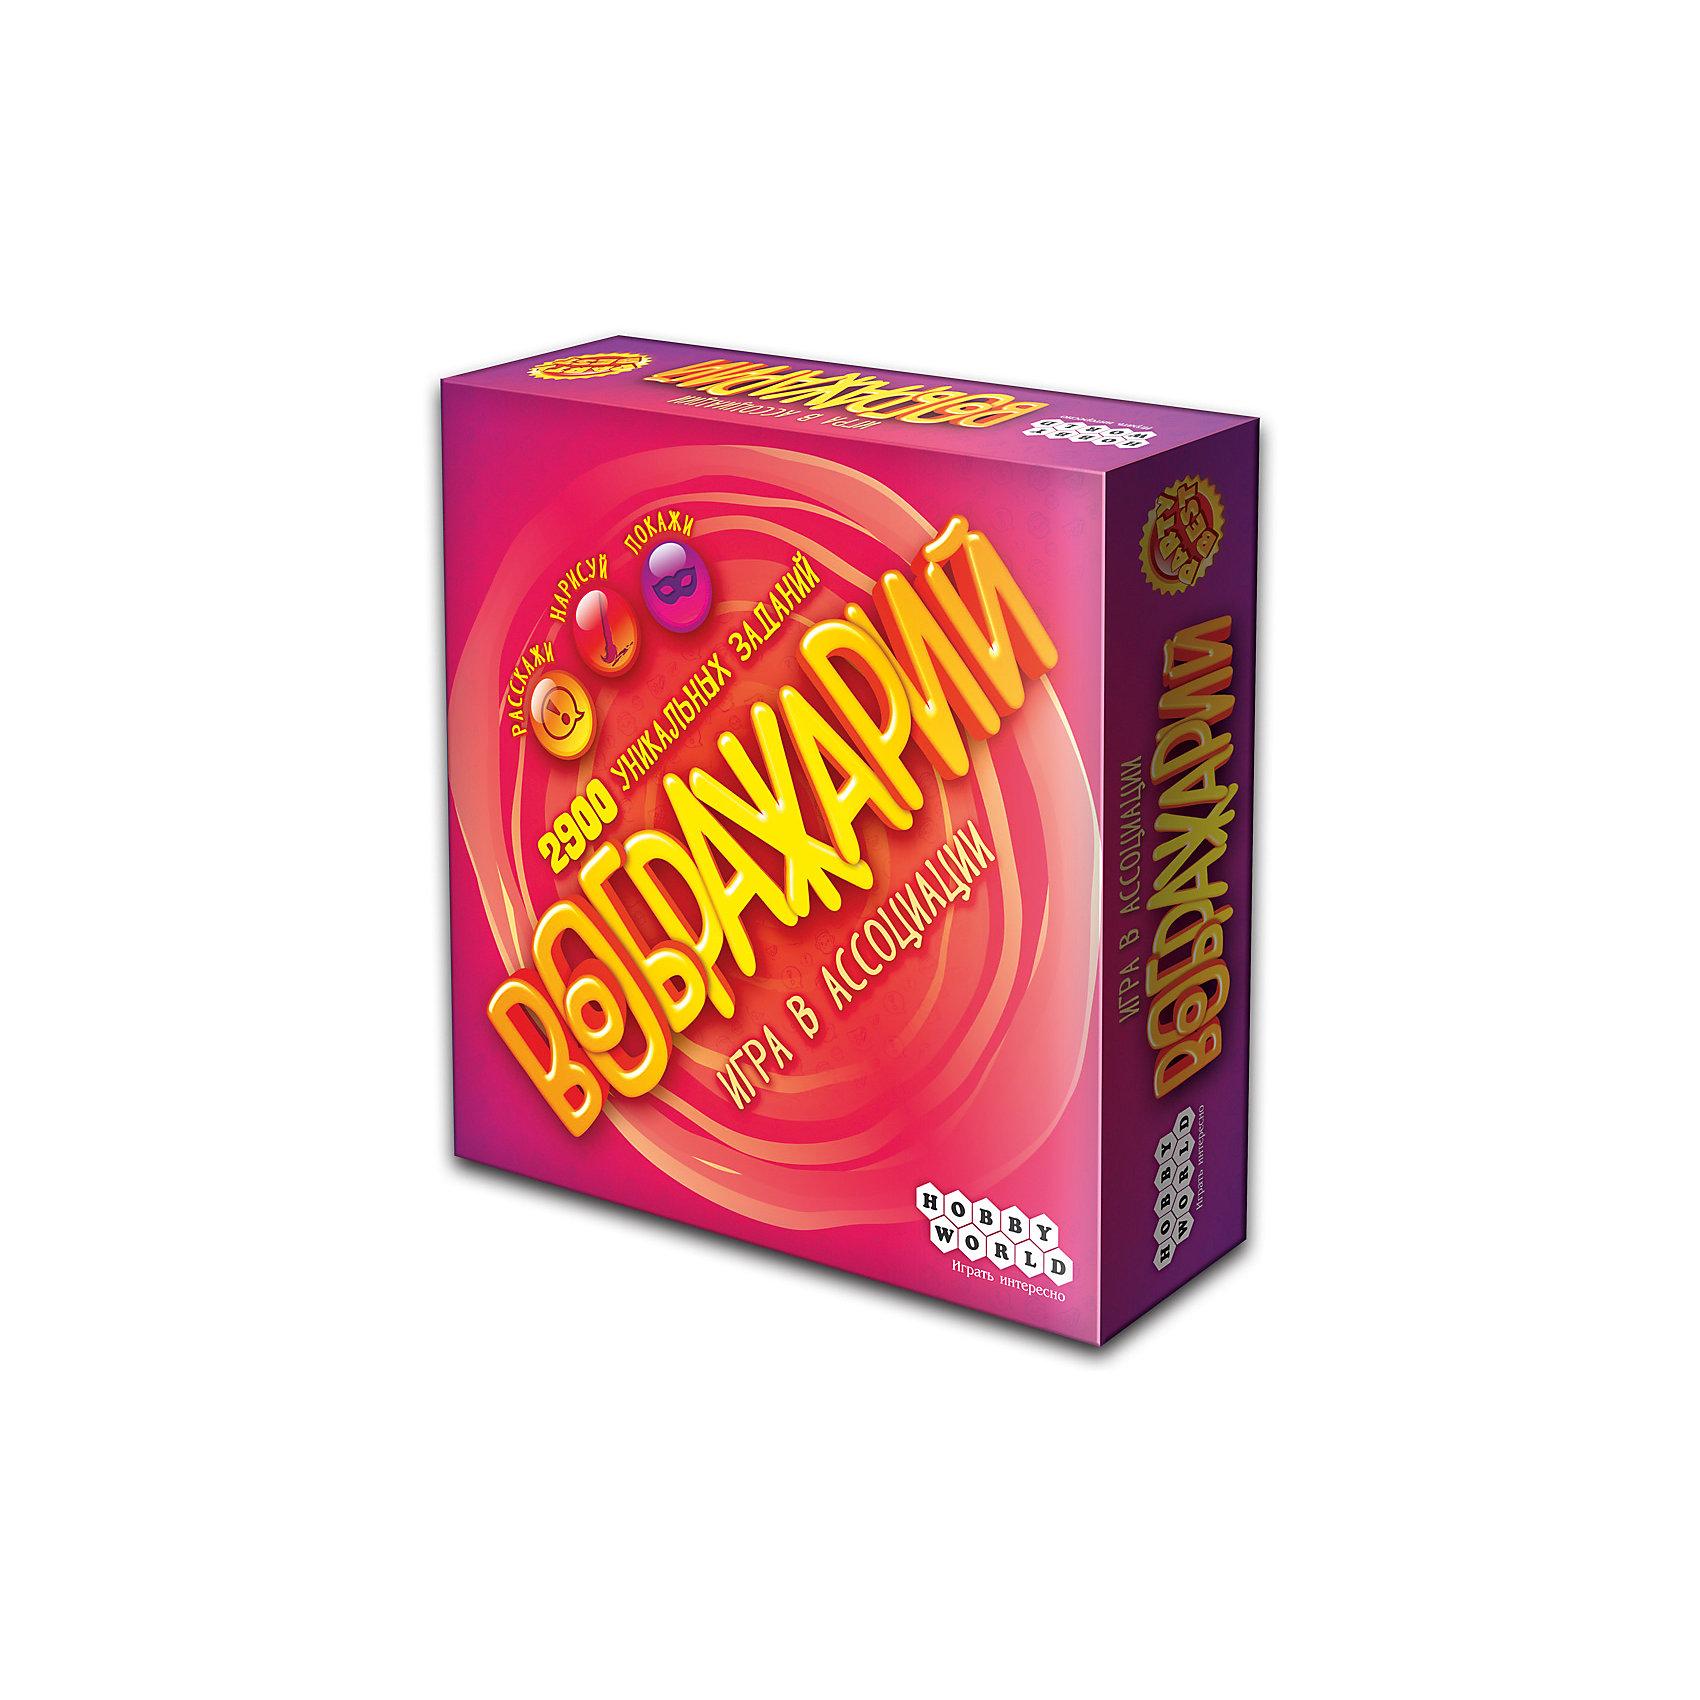 Игра Воображарий, 3-е русское издание,  Hobby WorldКарточные игры<br>Характеристики товара:<br><br>• возраст: от 12 лет;<br>• материал: картон;<br>• количество игроков: 3-9 человек;<br>• время игры: от 30 минут;<br>• в комплекте: 196 карт заданий, 27 карт действия, песочные часы, правила игры;<br>• размер упаковки 25х25х6 см;<br>• вес упаковки 653 гр.;<br>• страна производитель: Россия.<br><br>Игра «Воображарий» 3-е русское издание Hobby World позволит не только увлекательно провести время, но и проявить свои творческие способности. В каждой партии выбирается ведущий, которому предстоит объяснять остальным игрокам какое-то слово, рассказав про него, нарисовав его или устроив представление.<br><br>Игру «Воображарий» 3-е русское издание Hobby World можно приобрести в нашем интернет-магазине.<br><br>Ширина мм: 250<br>Глубина мм: 250<br>Высота мм: 60<br>Вес г: 653<br>Возраст от месяцев: 144<br>Возраст до месяцев: 2147483647<br>Пол: Унисекс<br>Возраст: Детский<br>SKU: 5597240